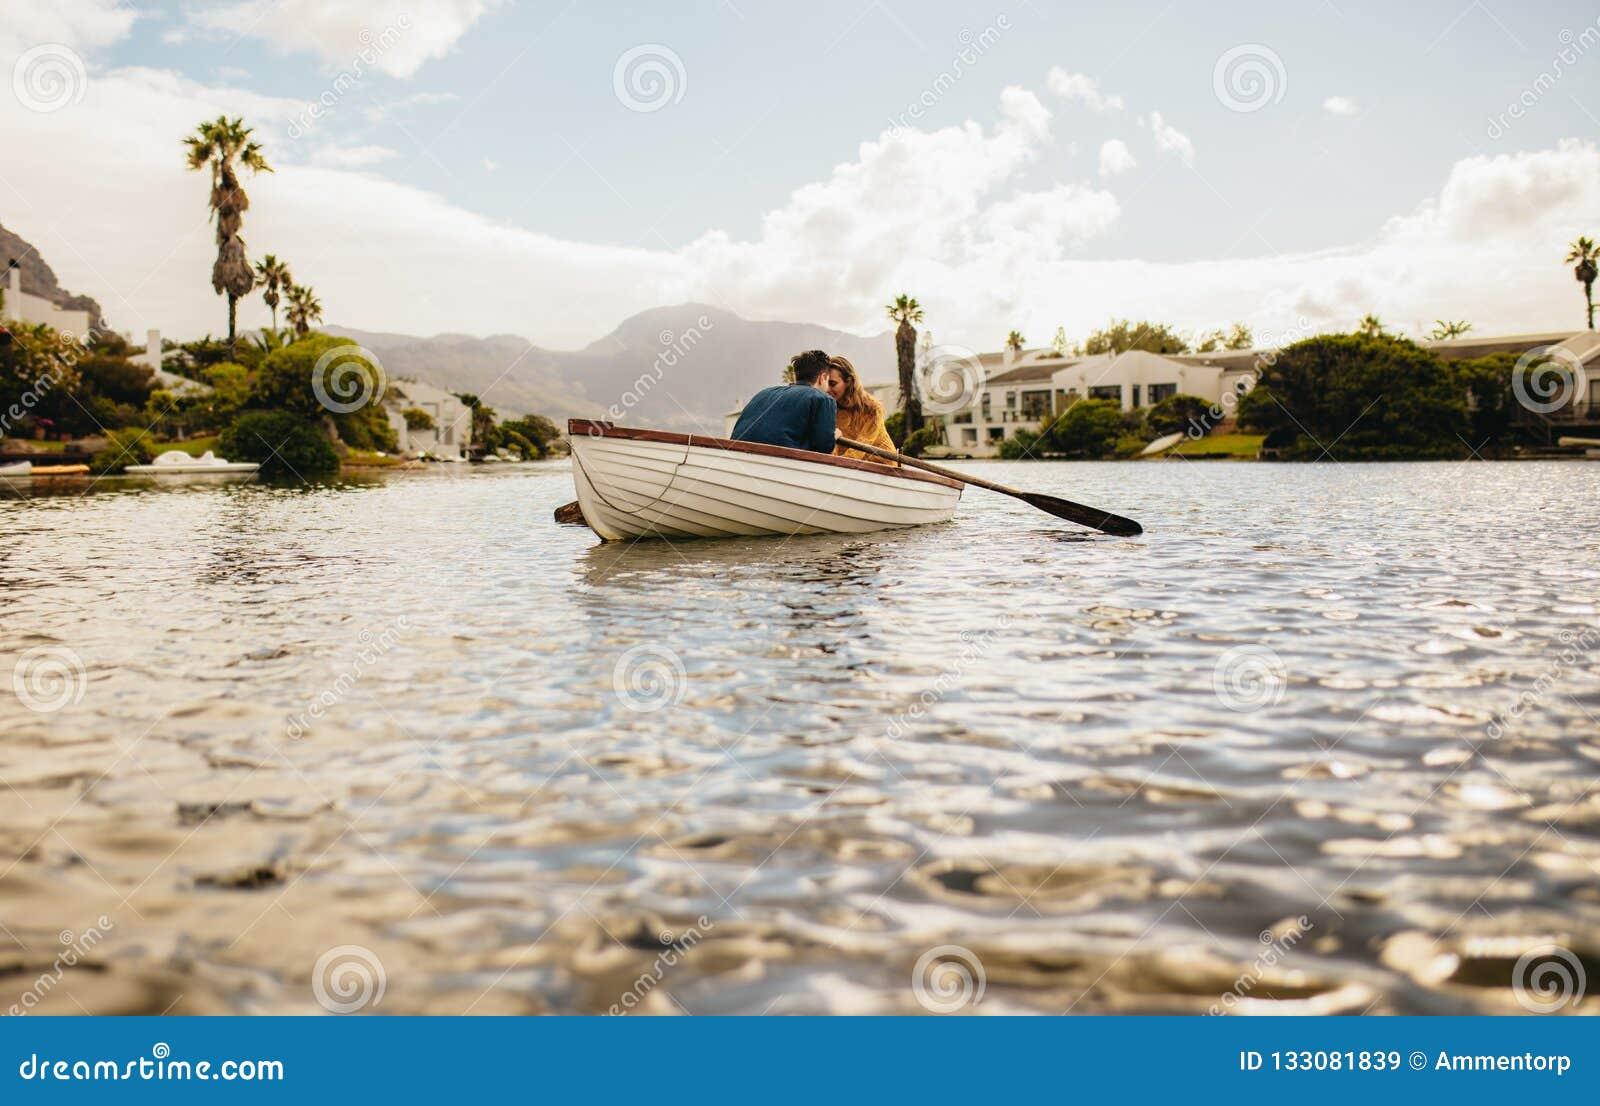 Dobiera się na romantycznej dacie w łodzi